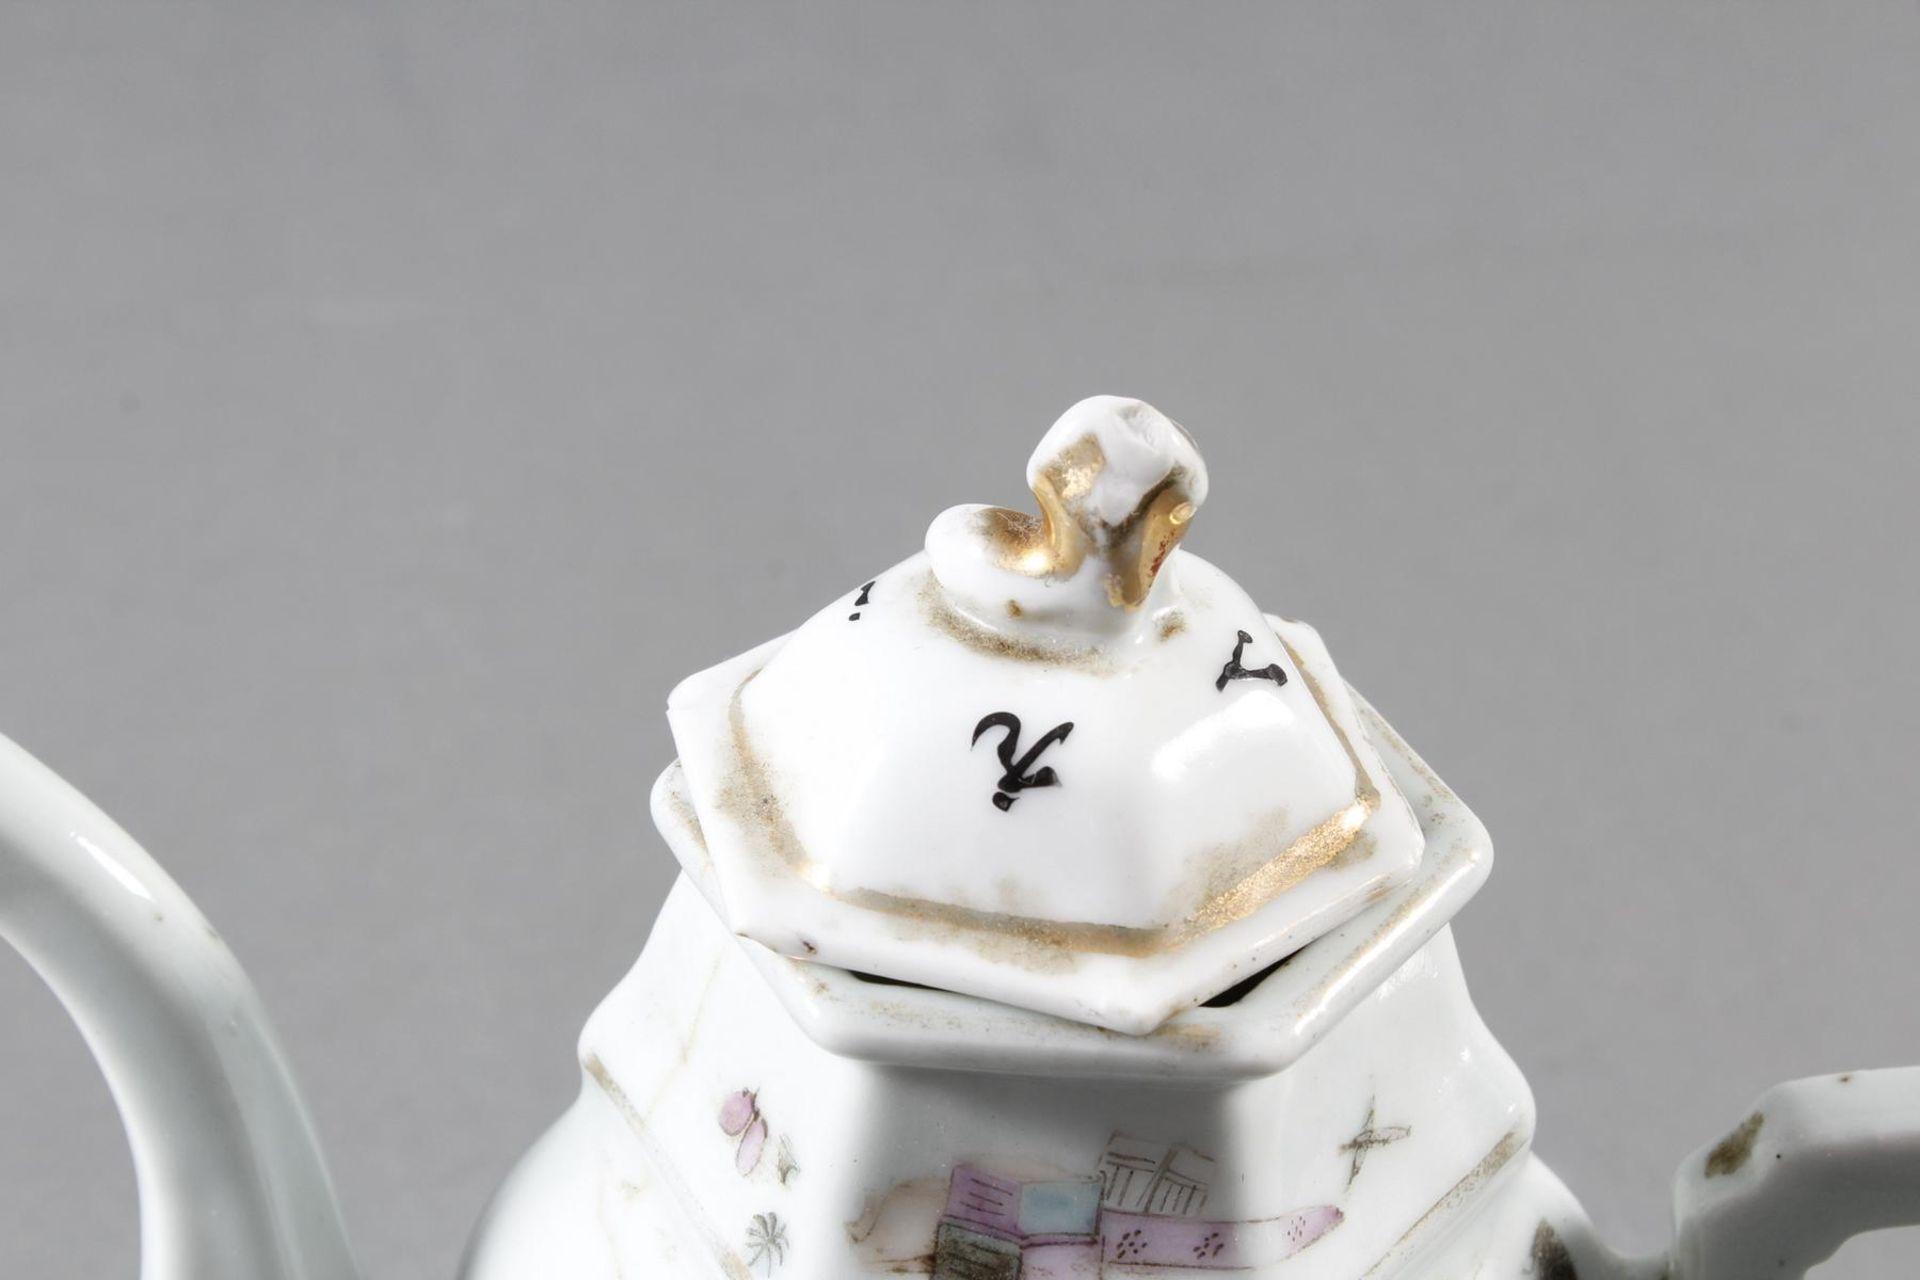 Porzellan Teekann, China, 19. Jahrhundert - Bild 11 aus 15